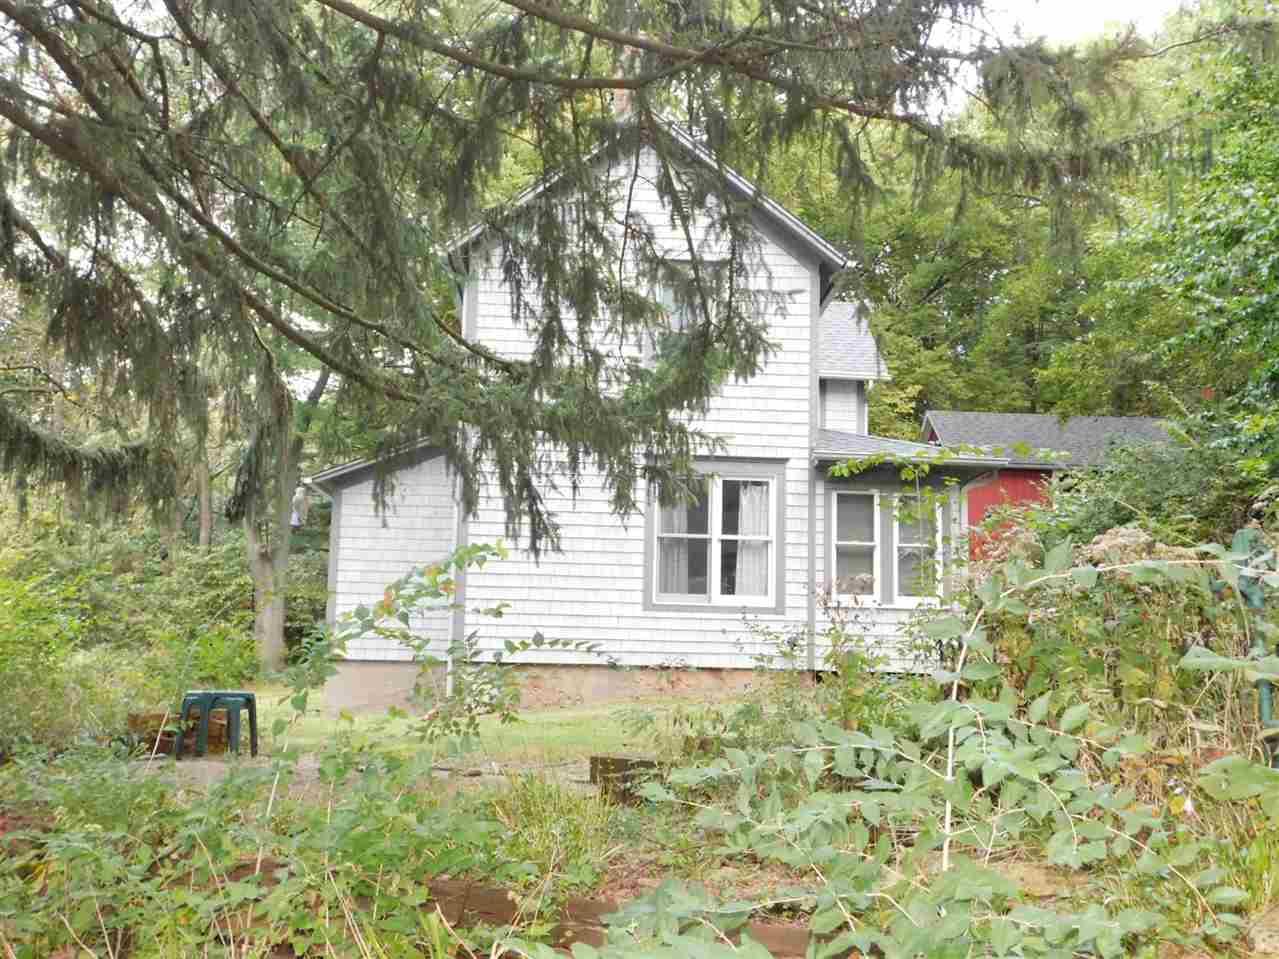 159 E Schapville Rd, Scales Mound, IL 61075